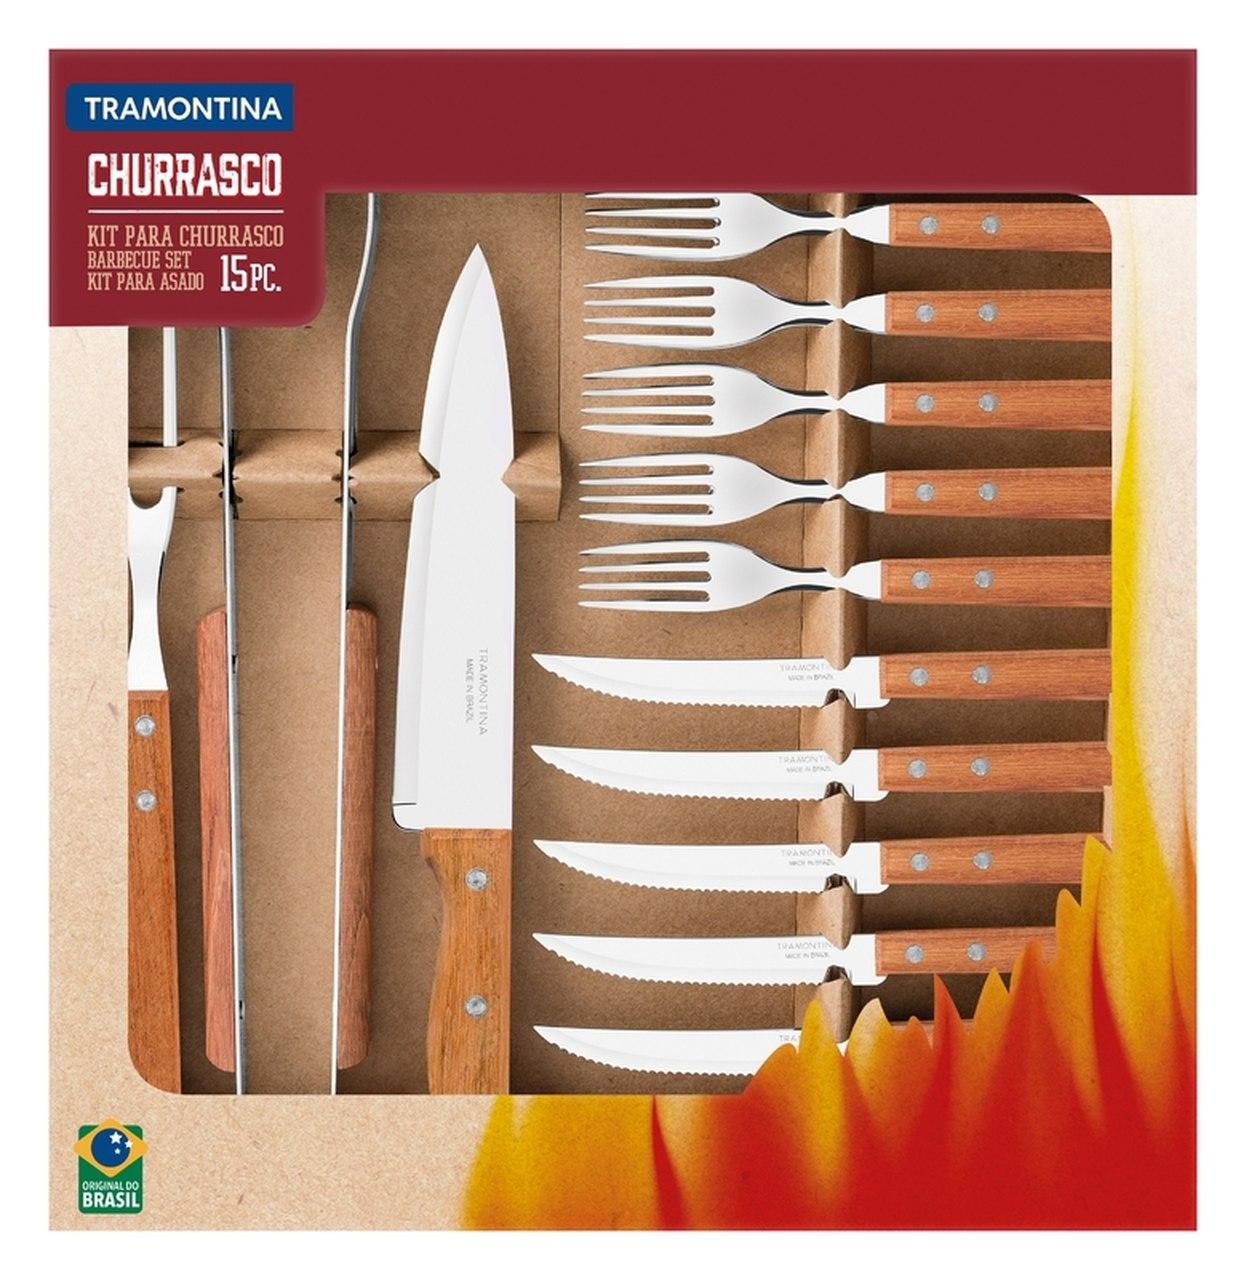 Kit para Churrasco 15 Peças em Aço Inox com Cabo de Madeira Natural Tramontina 22399/028